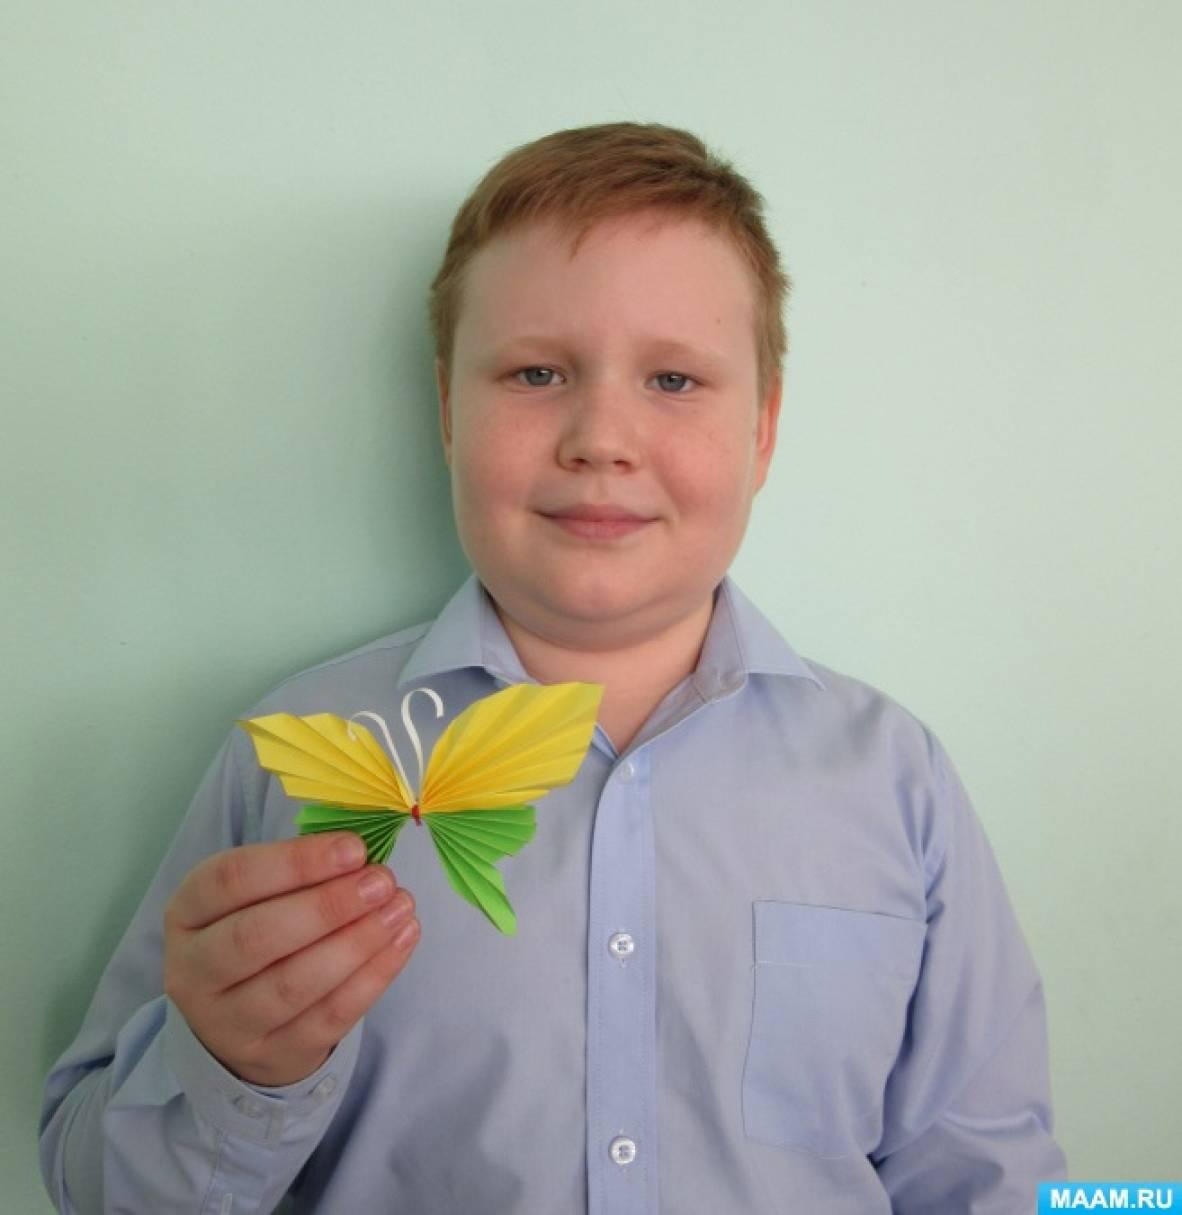 Мастер-класс для детей младшего школьного возраста «Бабочка из бумаги»